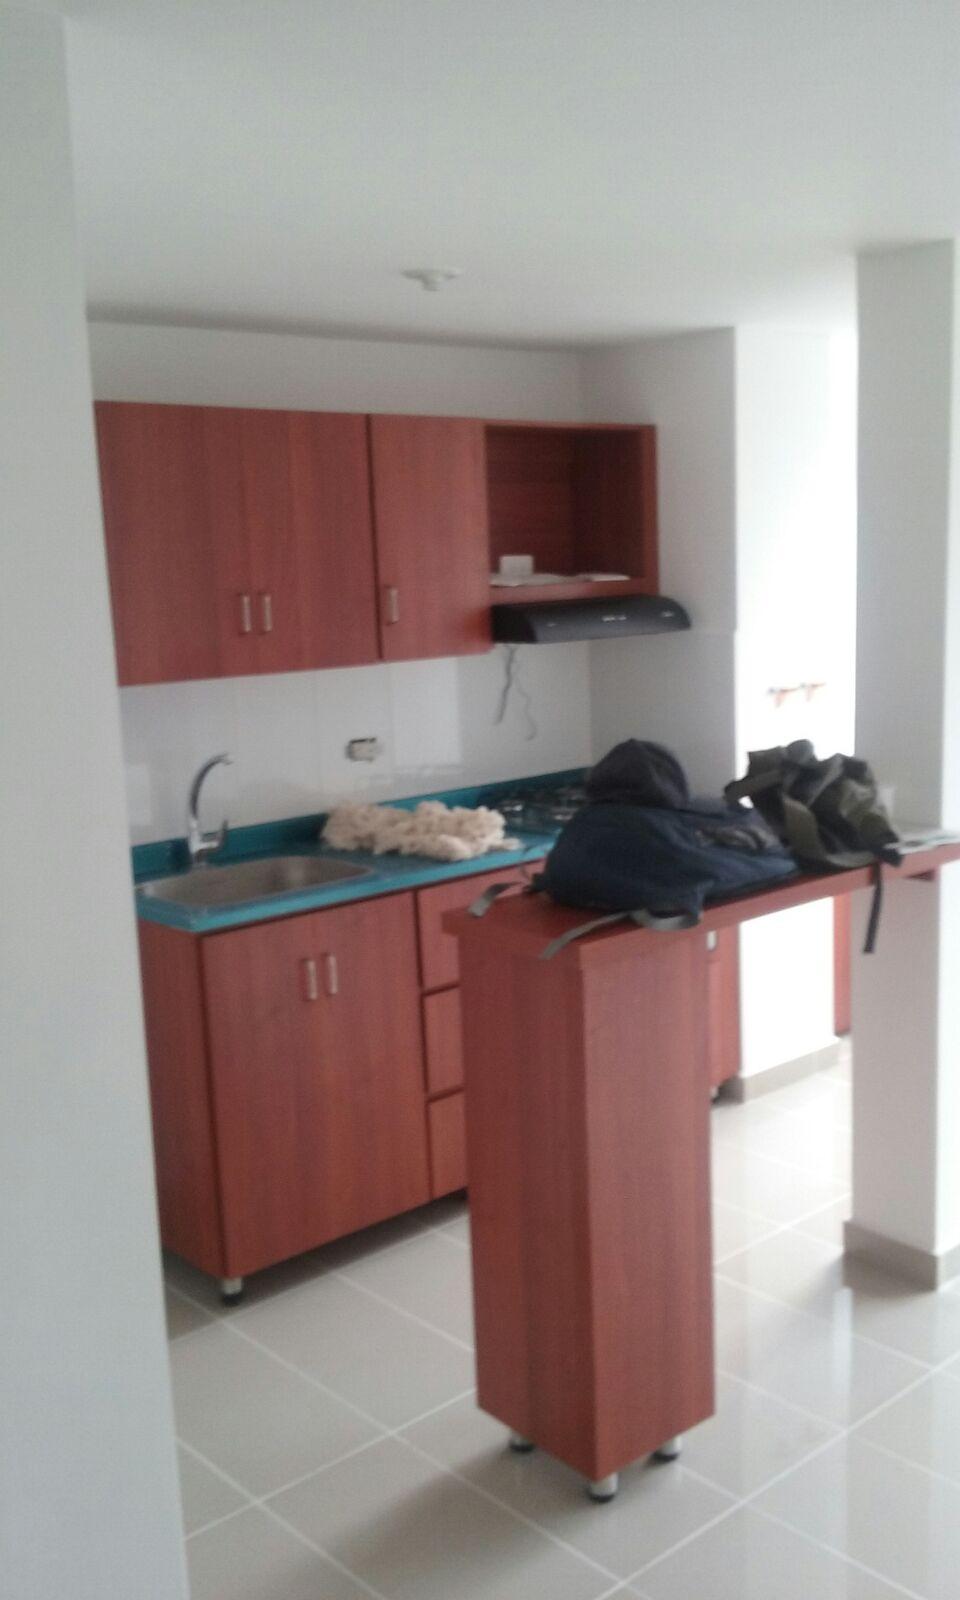 Muebles de cocina al techo - Muebles de cocina vegasa ...